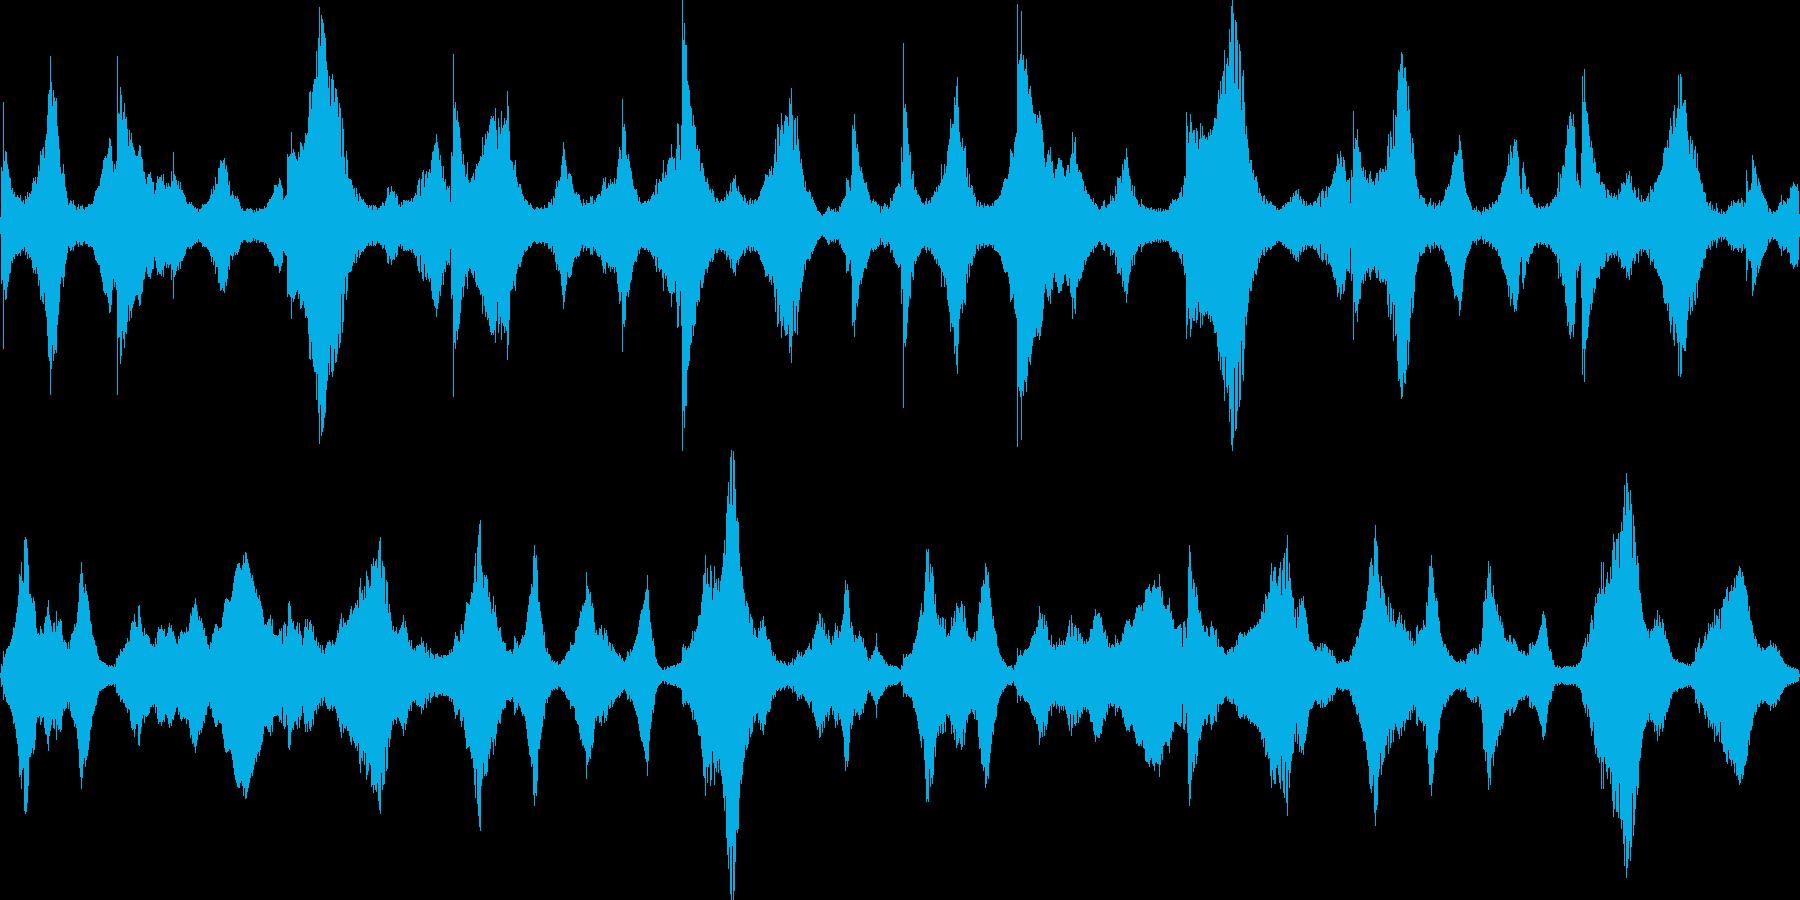 k005警告音/呼び出し音★ループ仕様の再生済みの波形